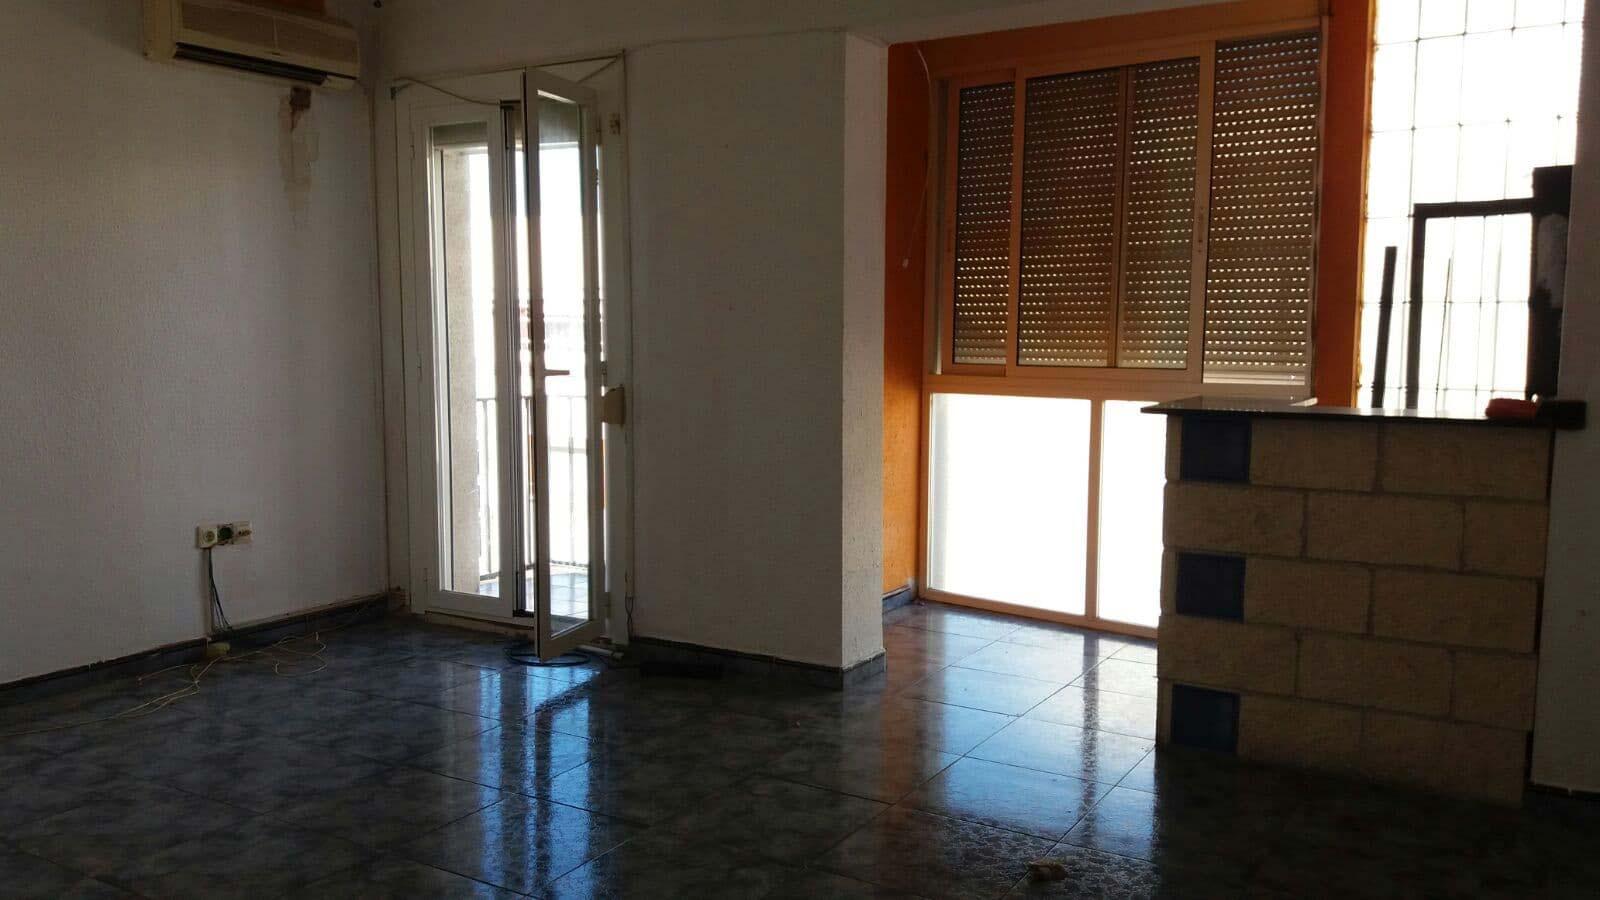 Piso en venta en Piso en Tarragona, Tarragona, 43.553 €, 2 habitaciones, 1 baño, 71 m2